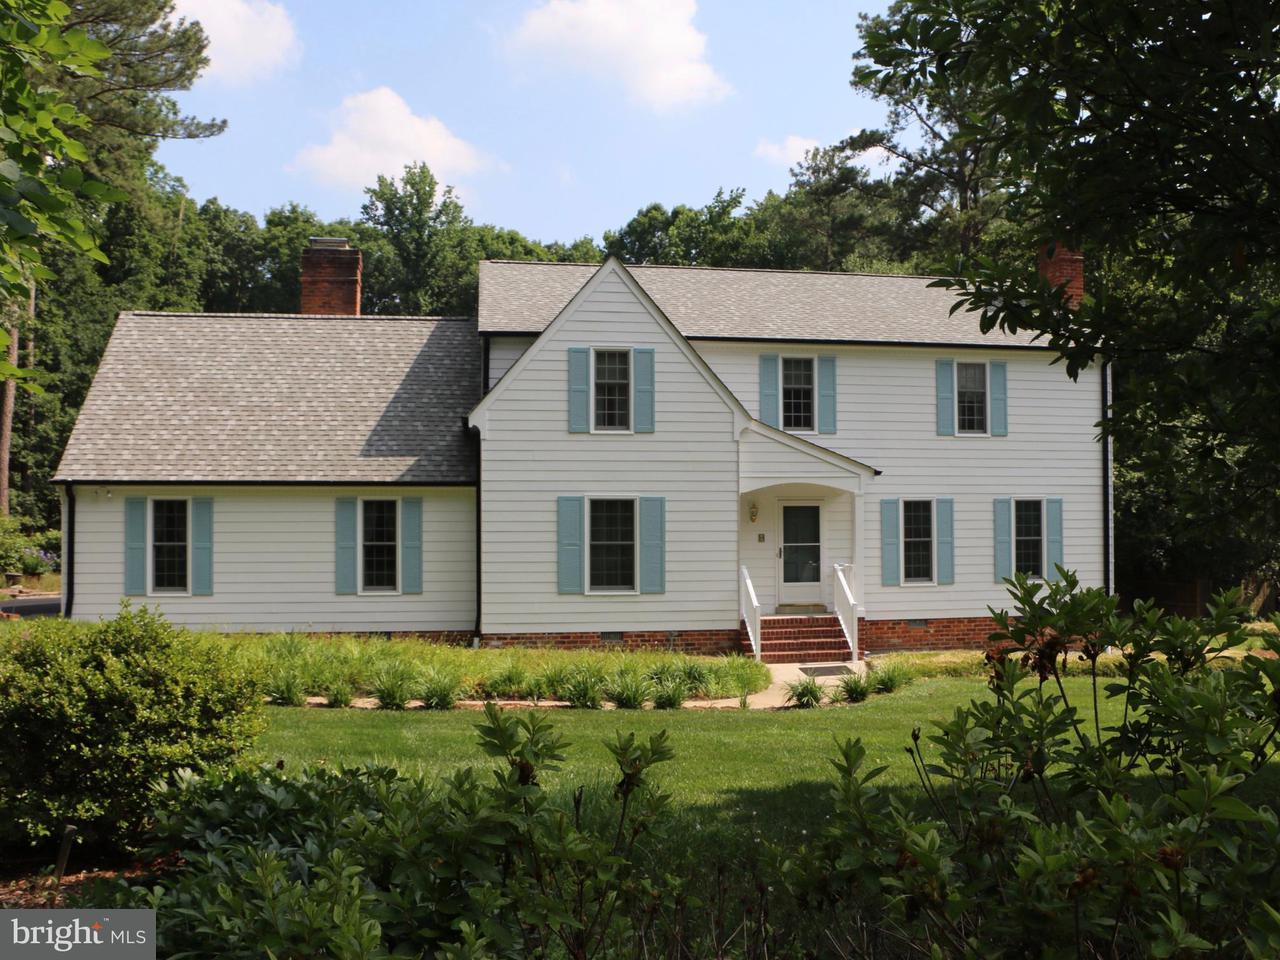 独户住宅 为 销售 在 11771 REXMOOR Drive 11771 REXMOOR Drive 里士满, 弗吉尼亚州 23236 美国